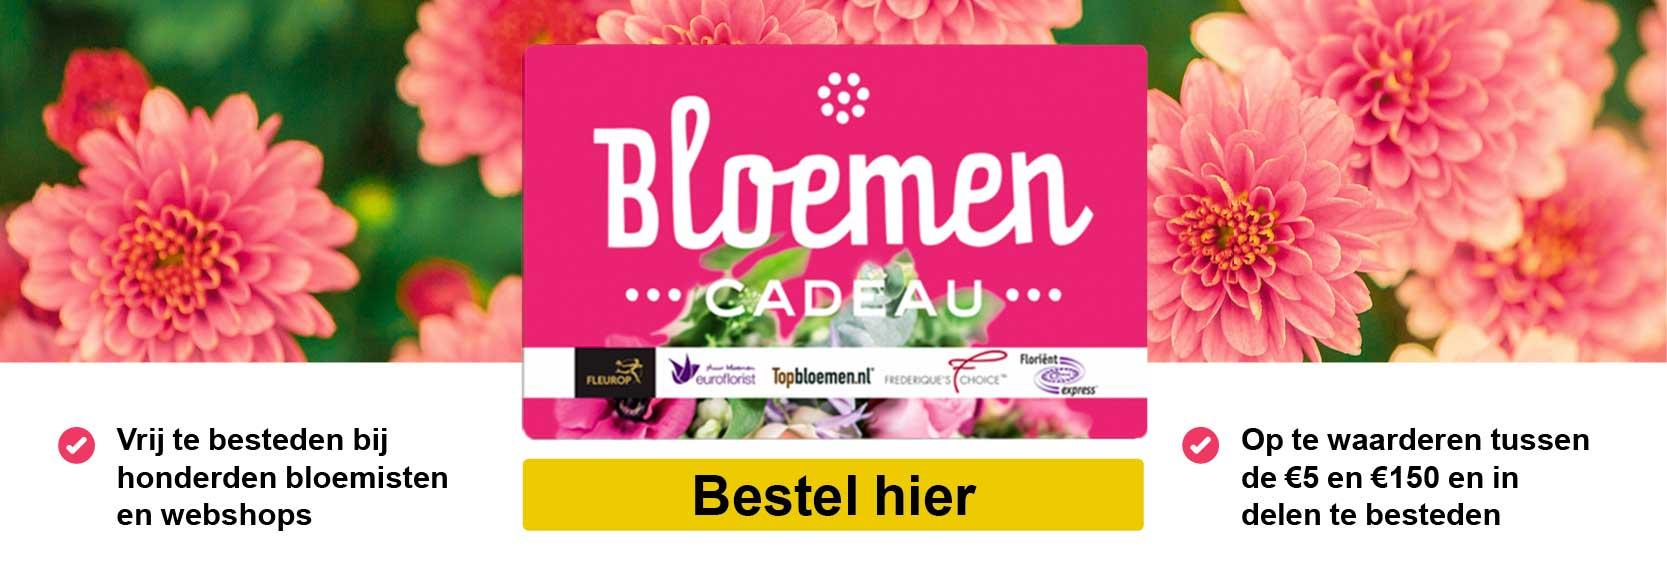 Bloemencadeau_banner_def